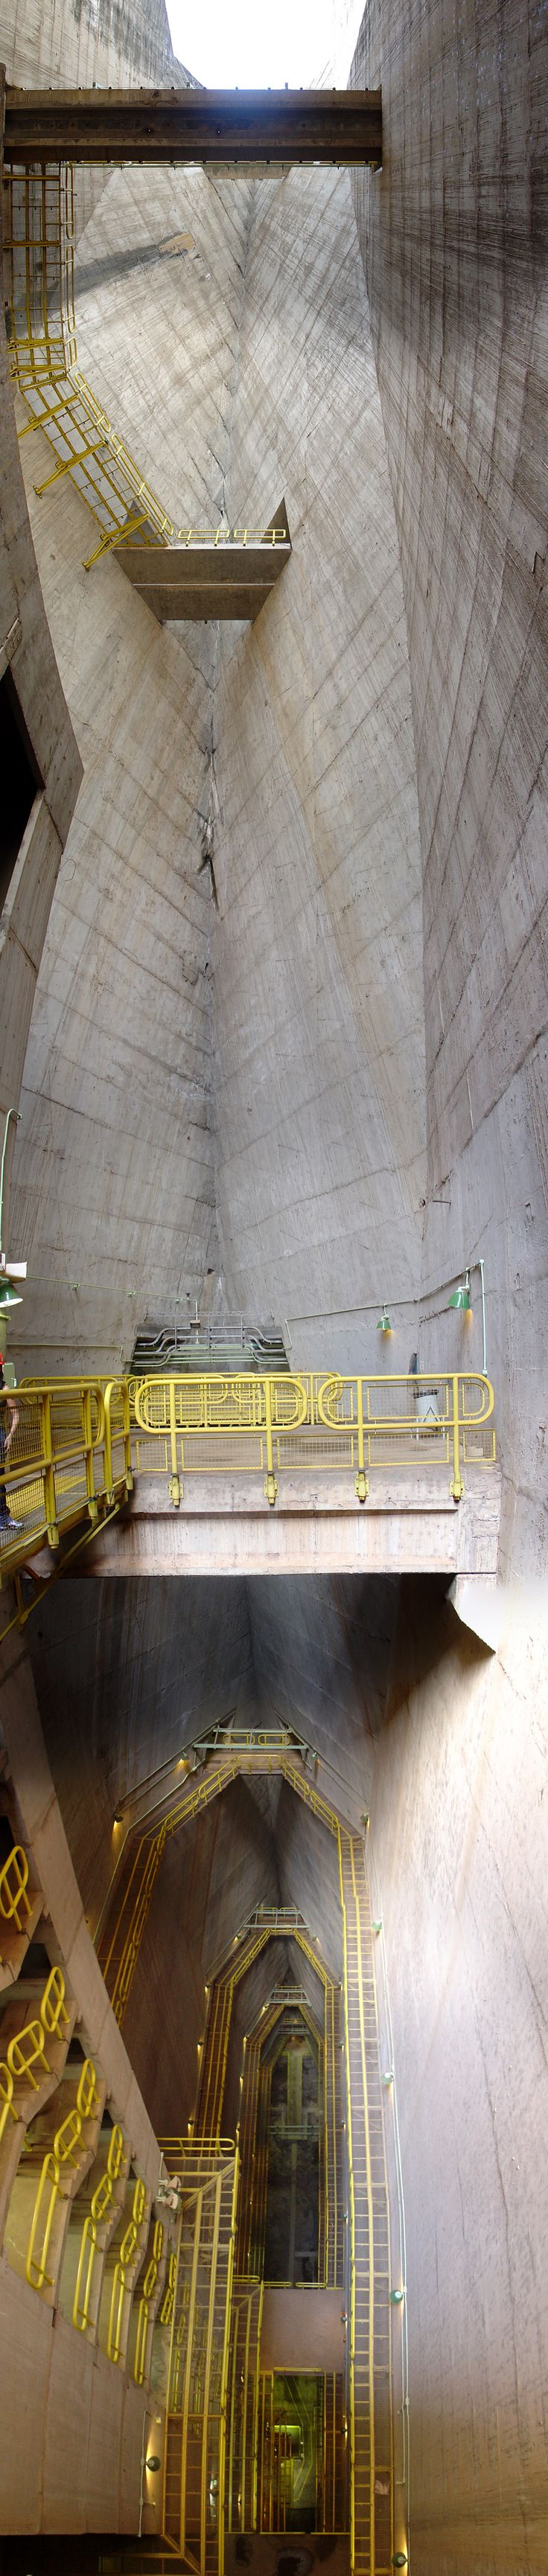 Itaipu Dam, 196m in height